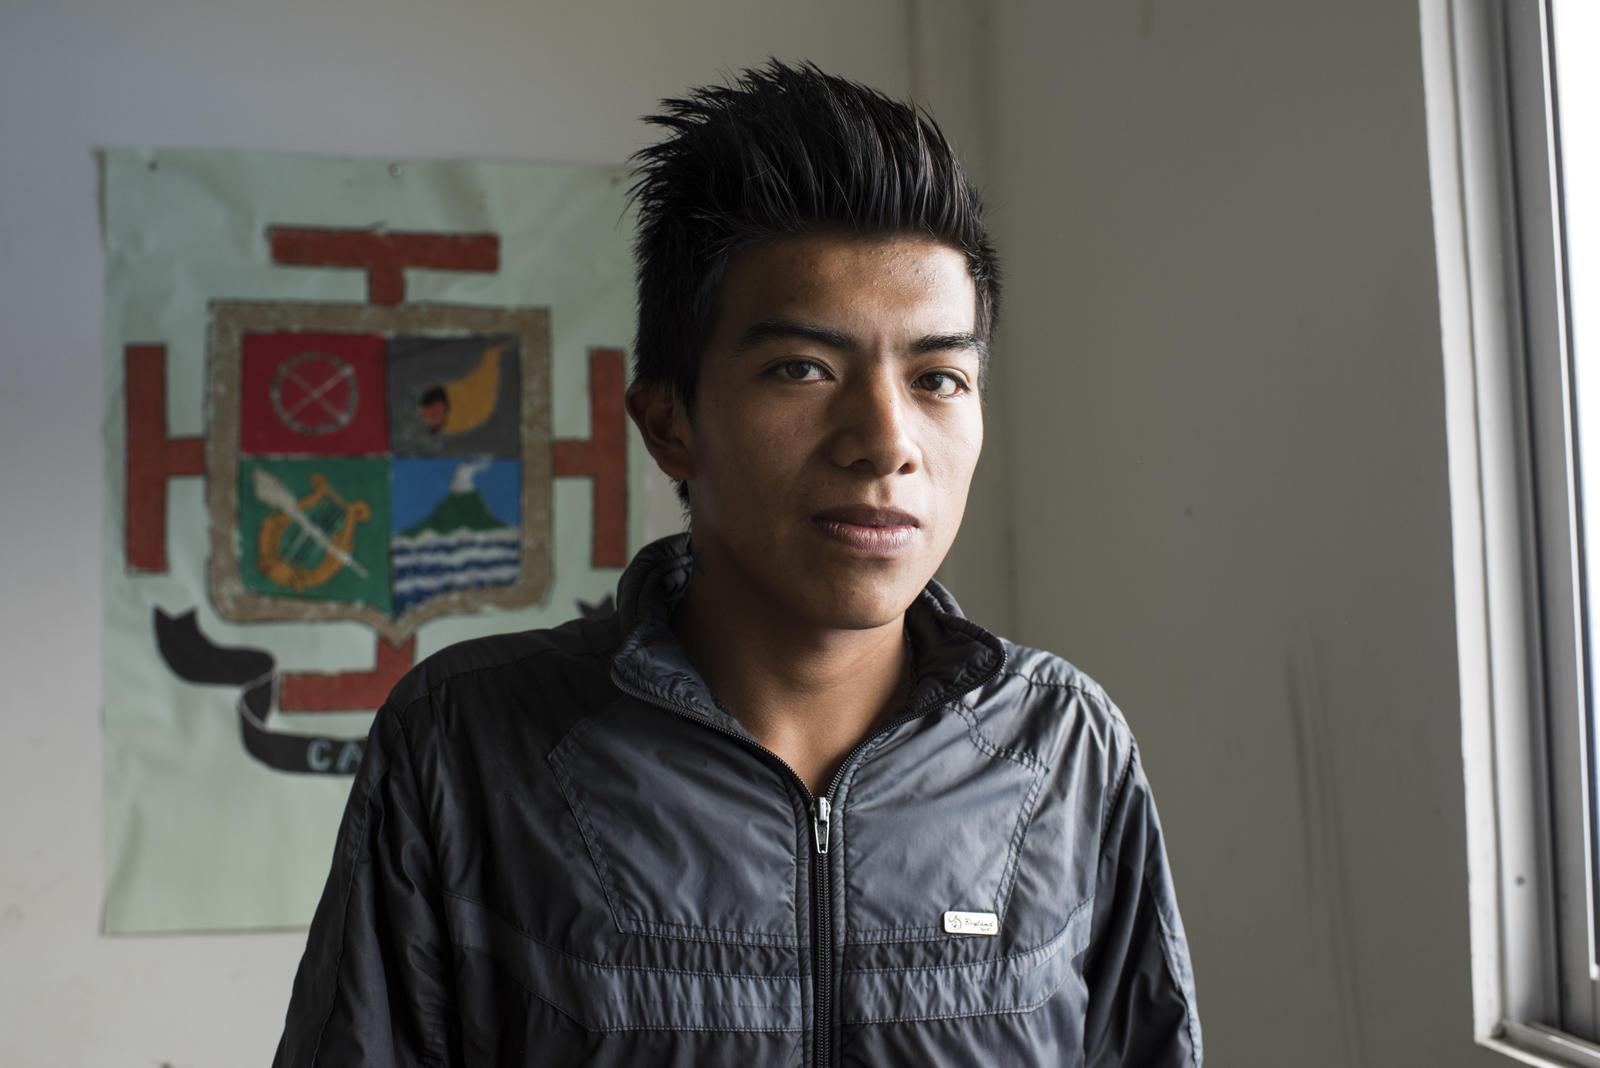 Yesid Alcibar Cordoba, 18 años y estudiante de grado 11. ©Fondo ODS / Freya Morales